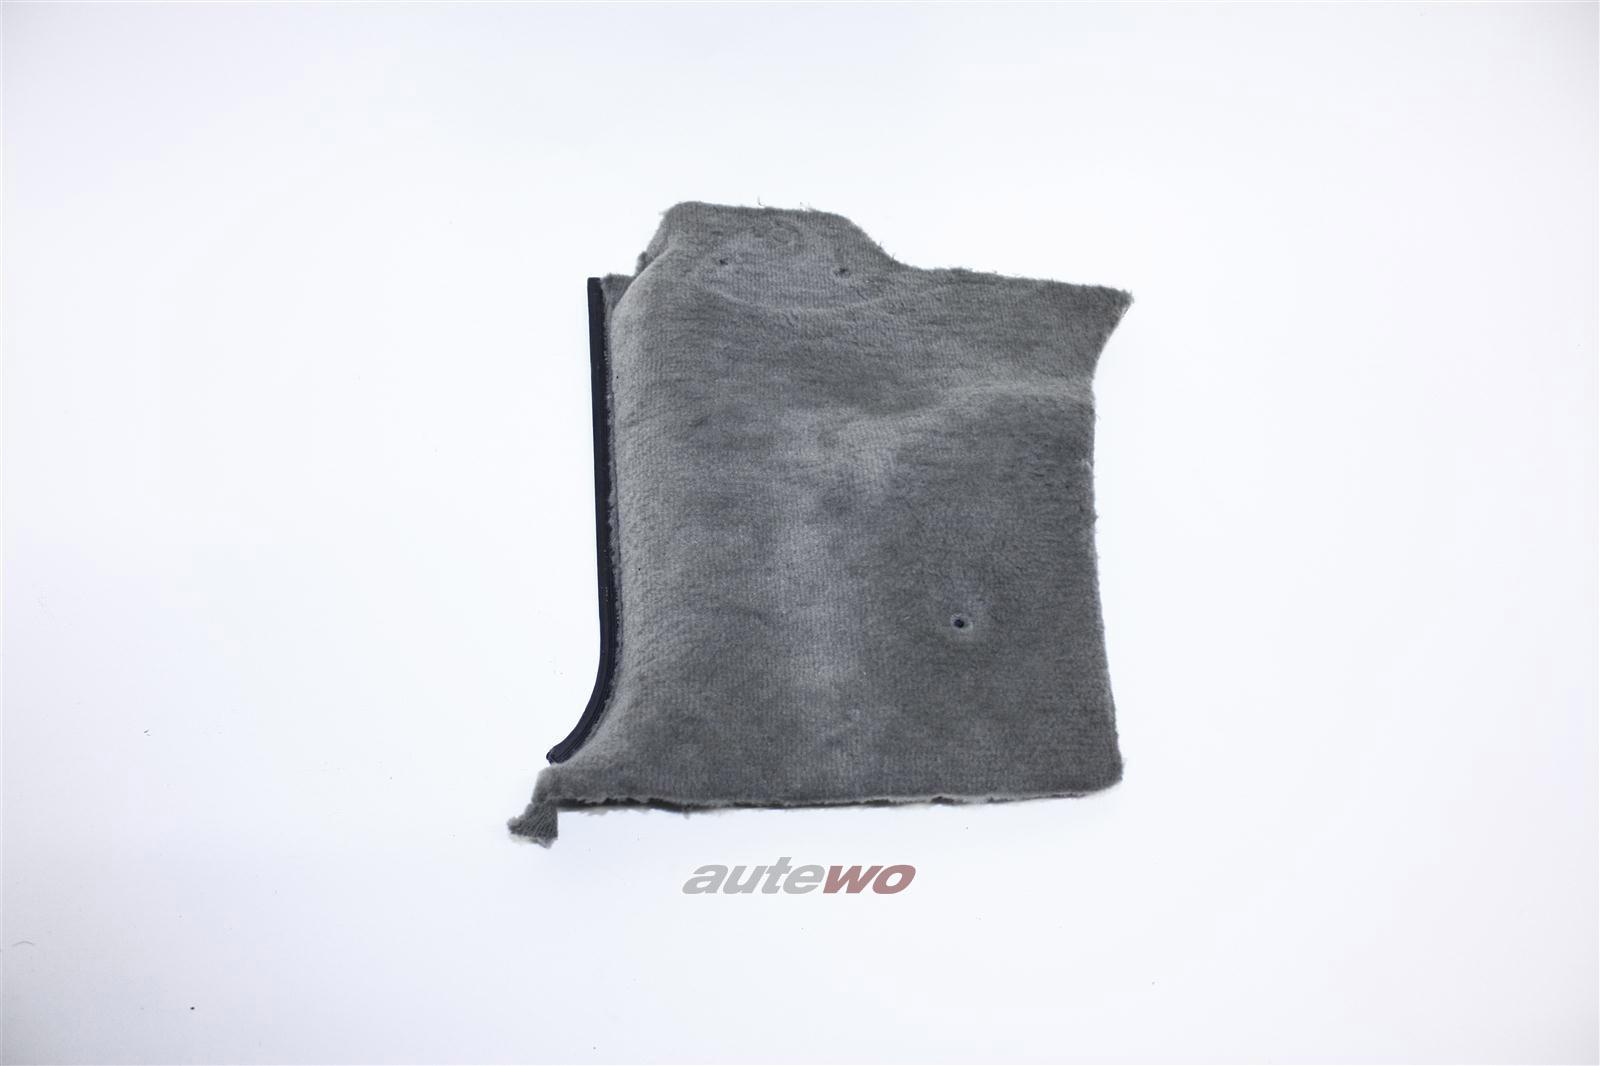 Audi 100/200 Typ 44 Verkleidung A-Säule Links Quarz 443867265J